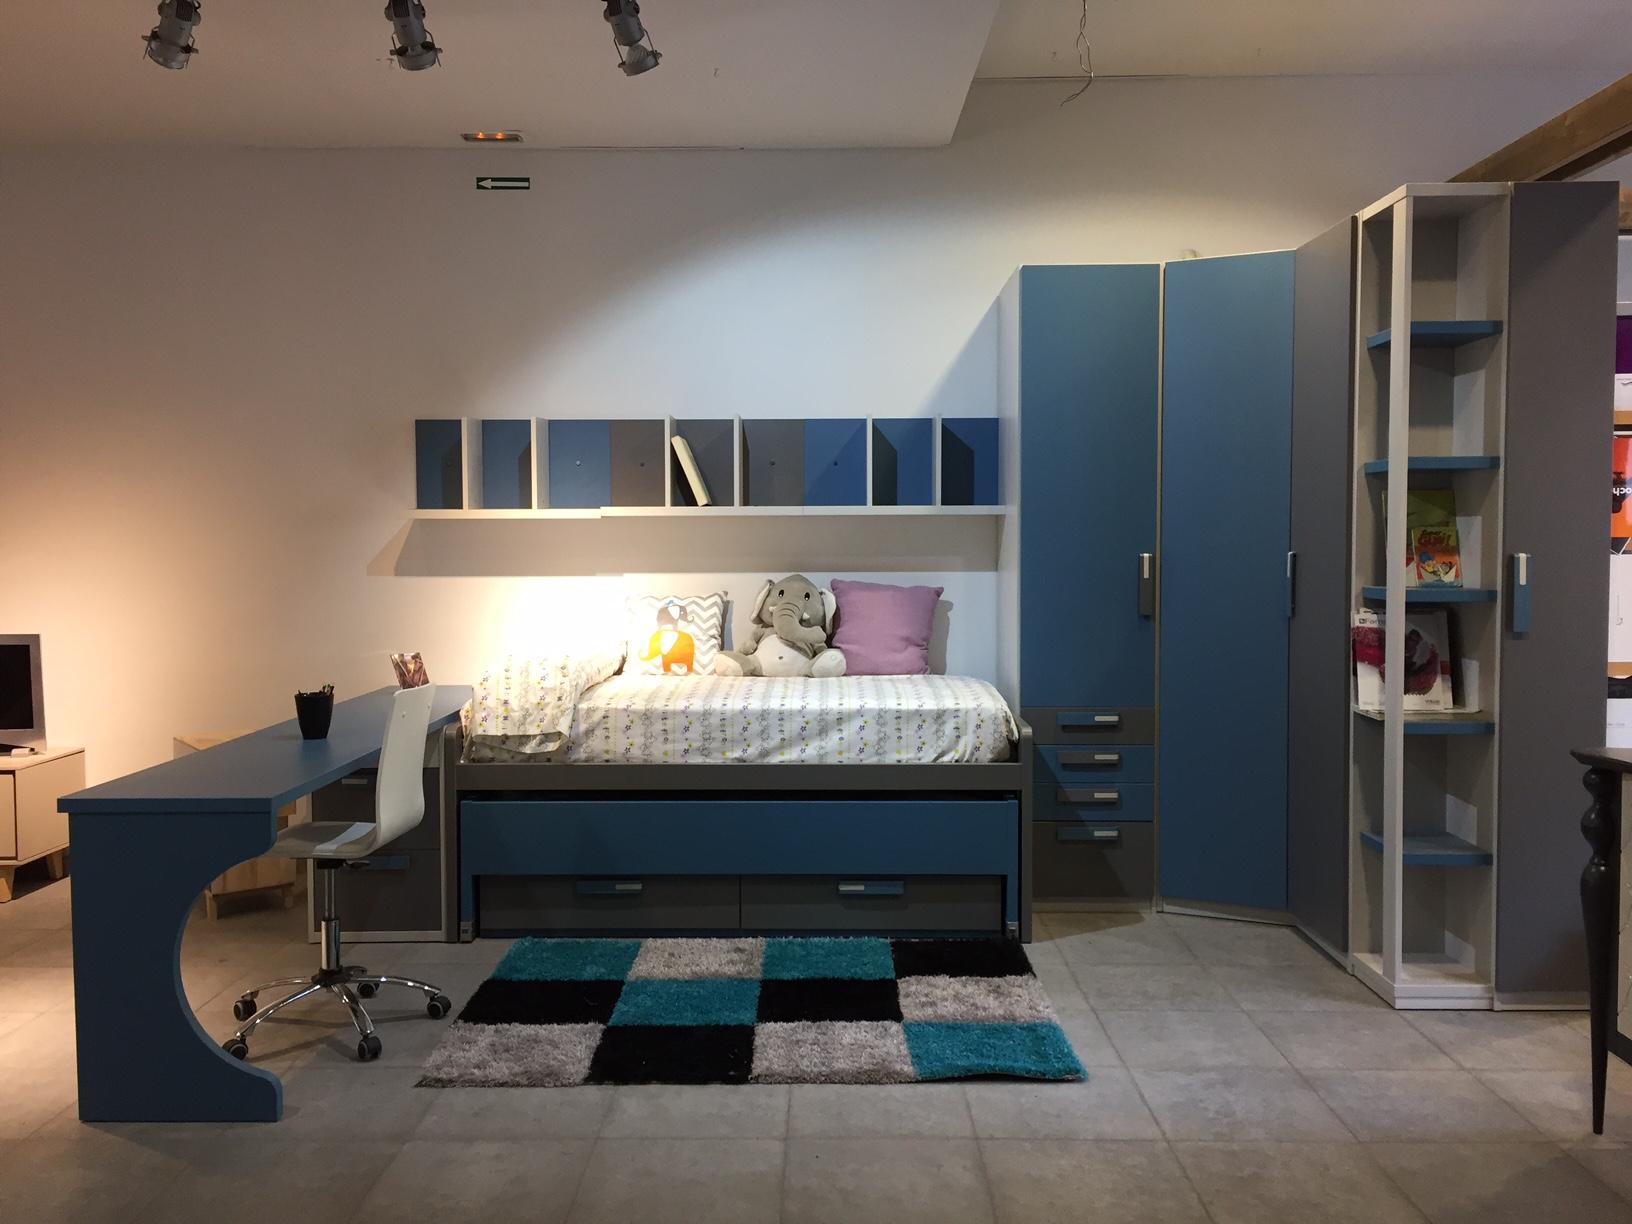 Muebles Tudela : Muebles tudela navarra obtenga ideas diseño de